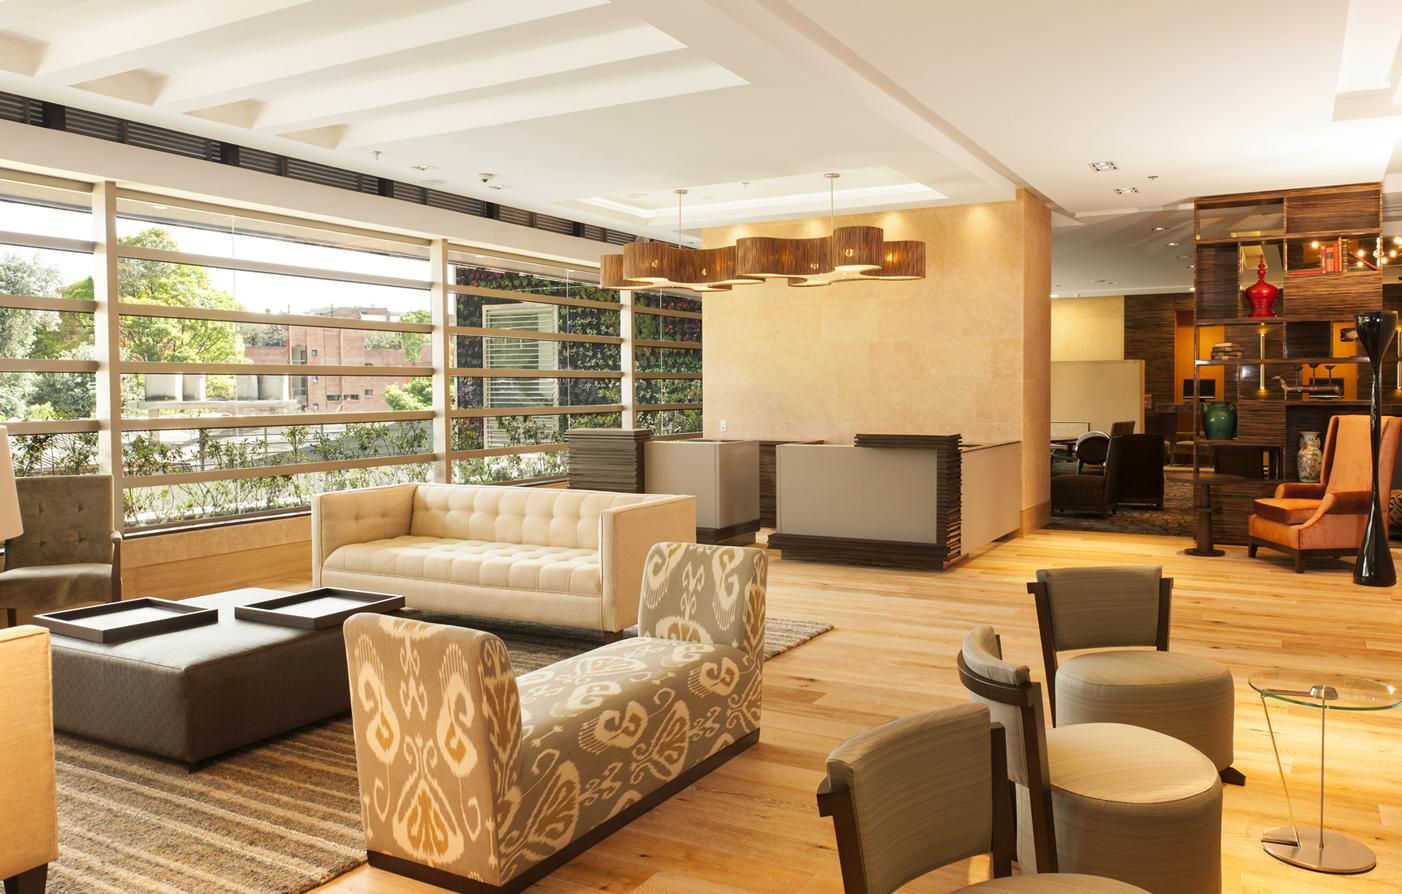 Ek hotel reviews bogota hotel reviews boutique hotel for Hotel design 100 bogota